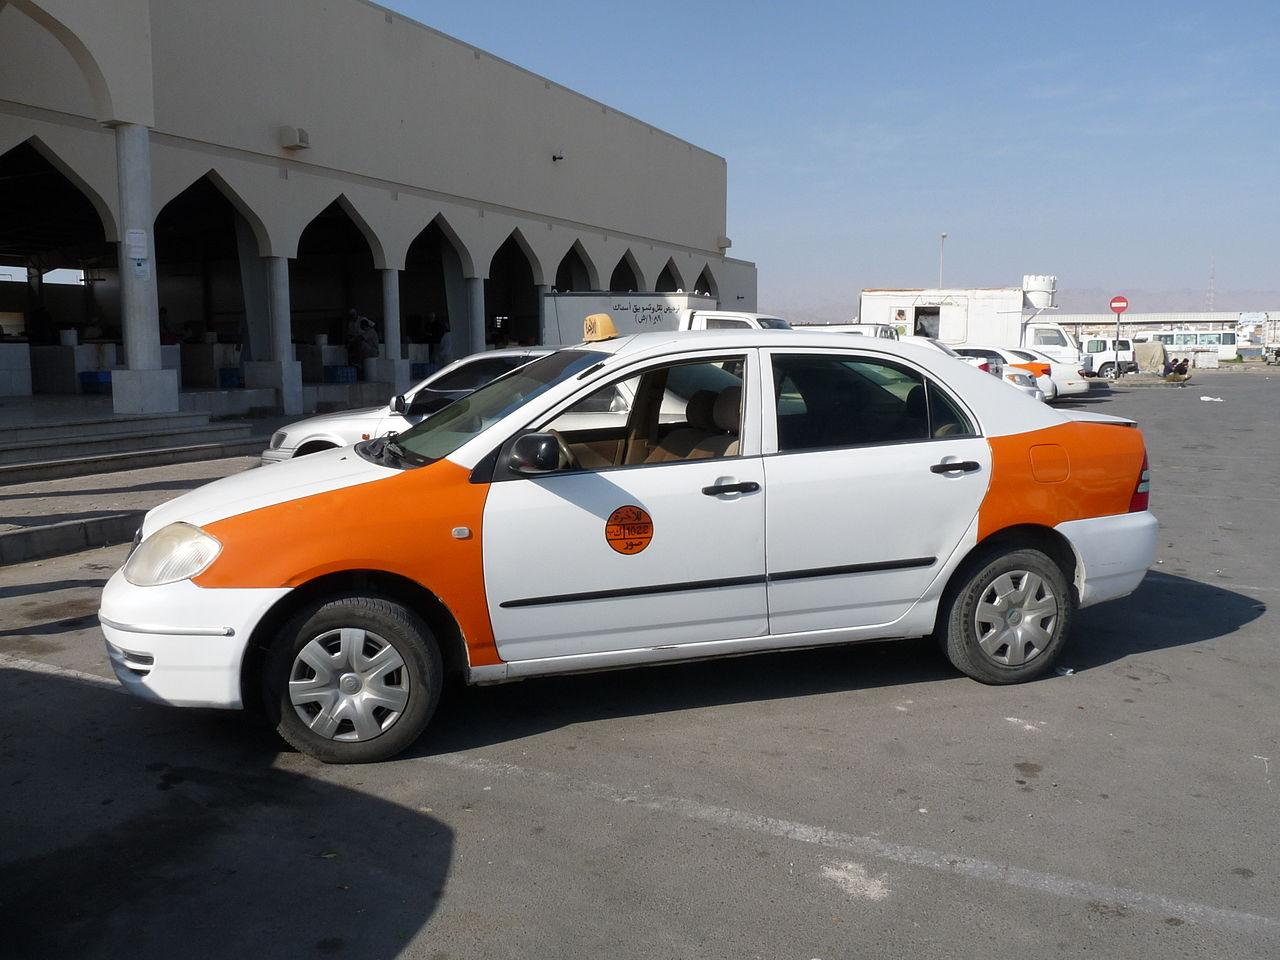 A Taxi in Sur, Oman